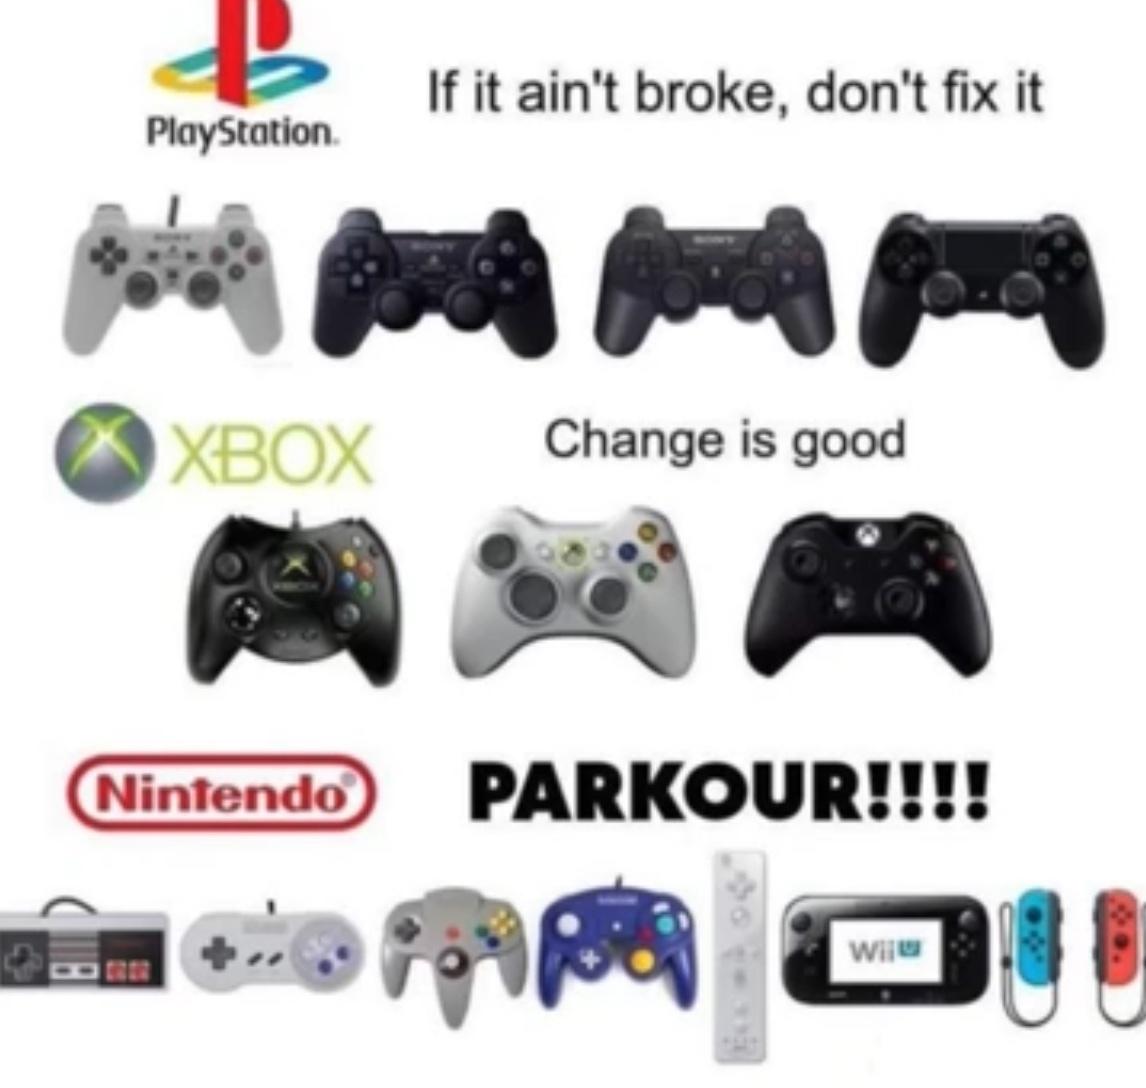 Parkour - meme